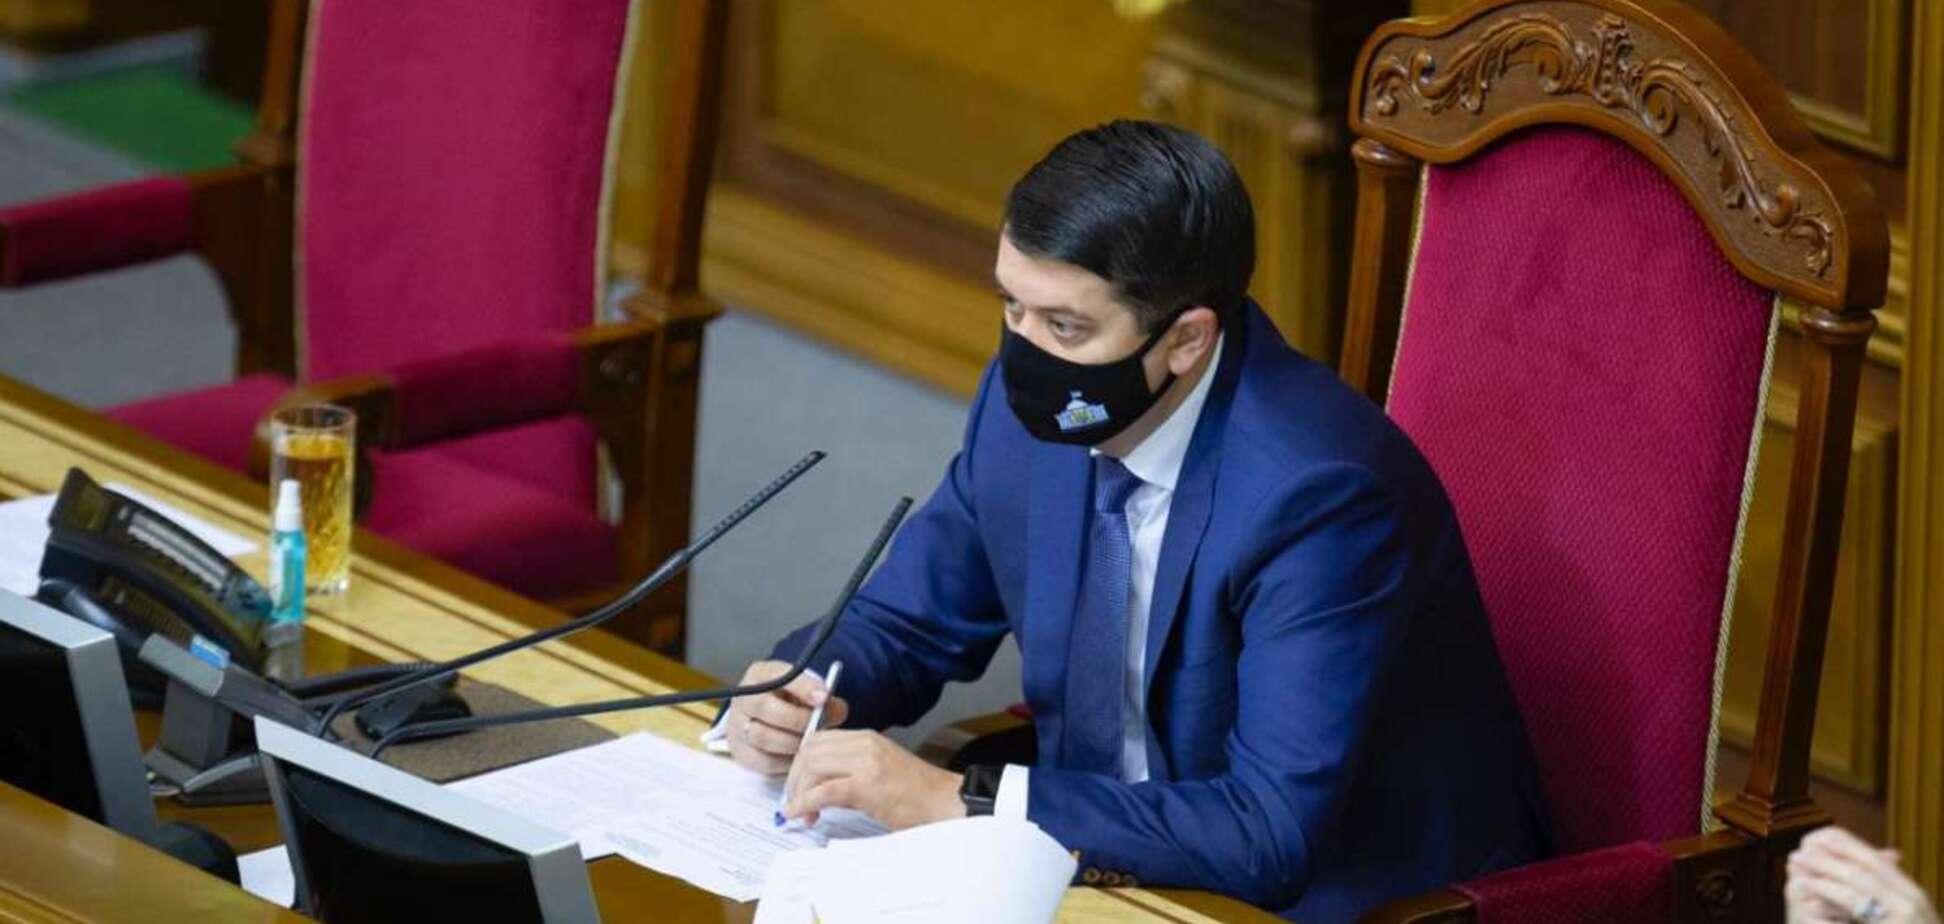 Разумкова попросили снять с рассмотрения законопроект о выбросах